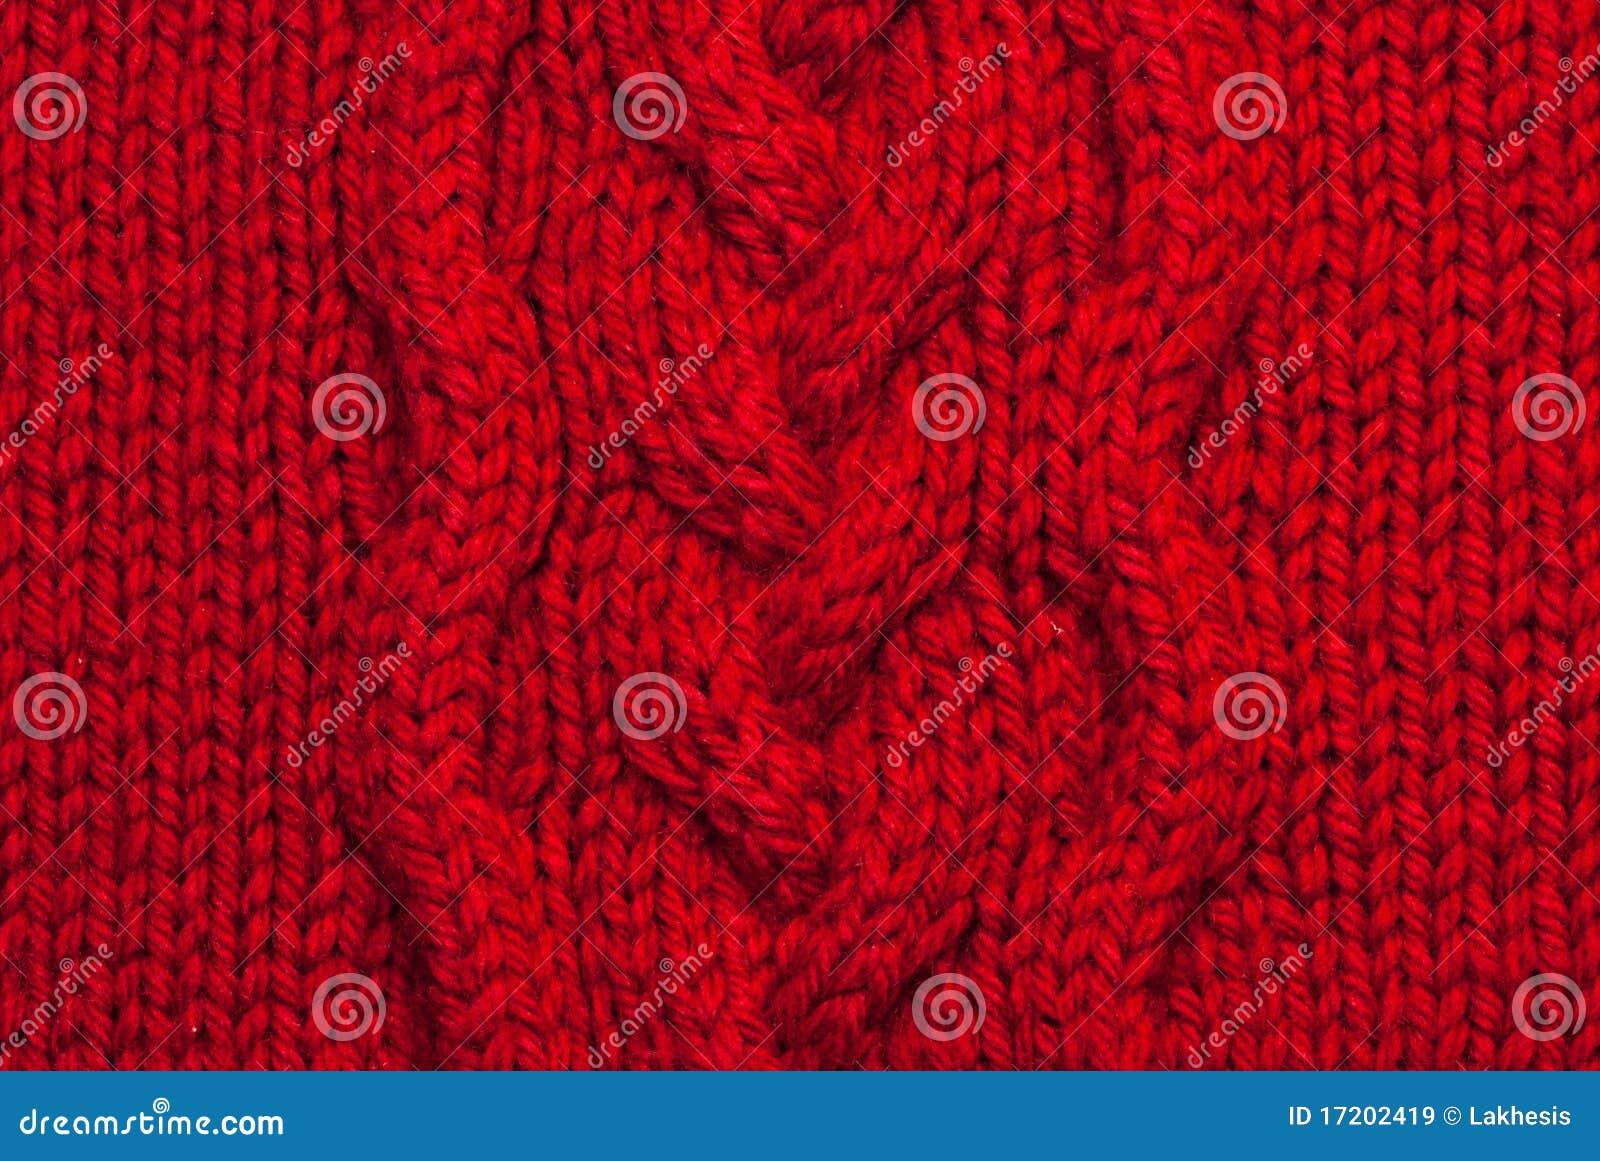 Fond de tricotage rouge